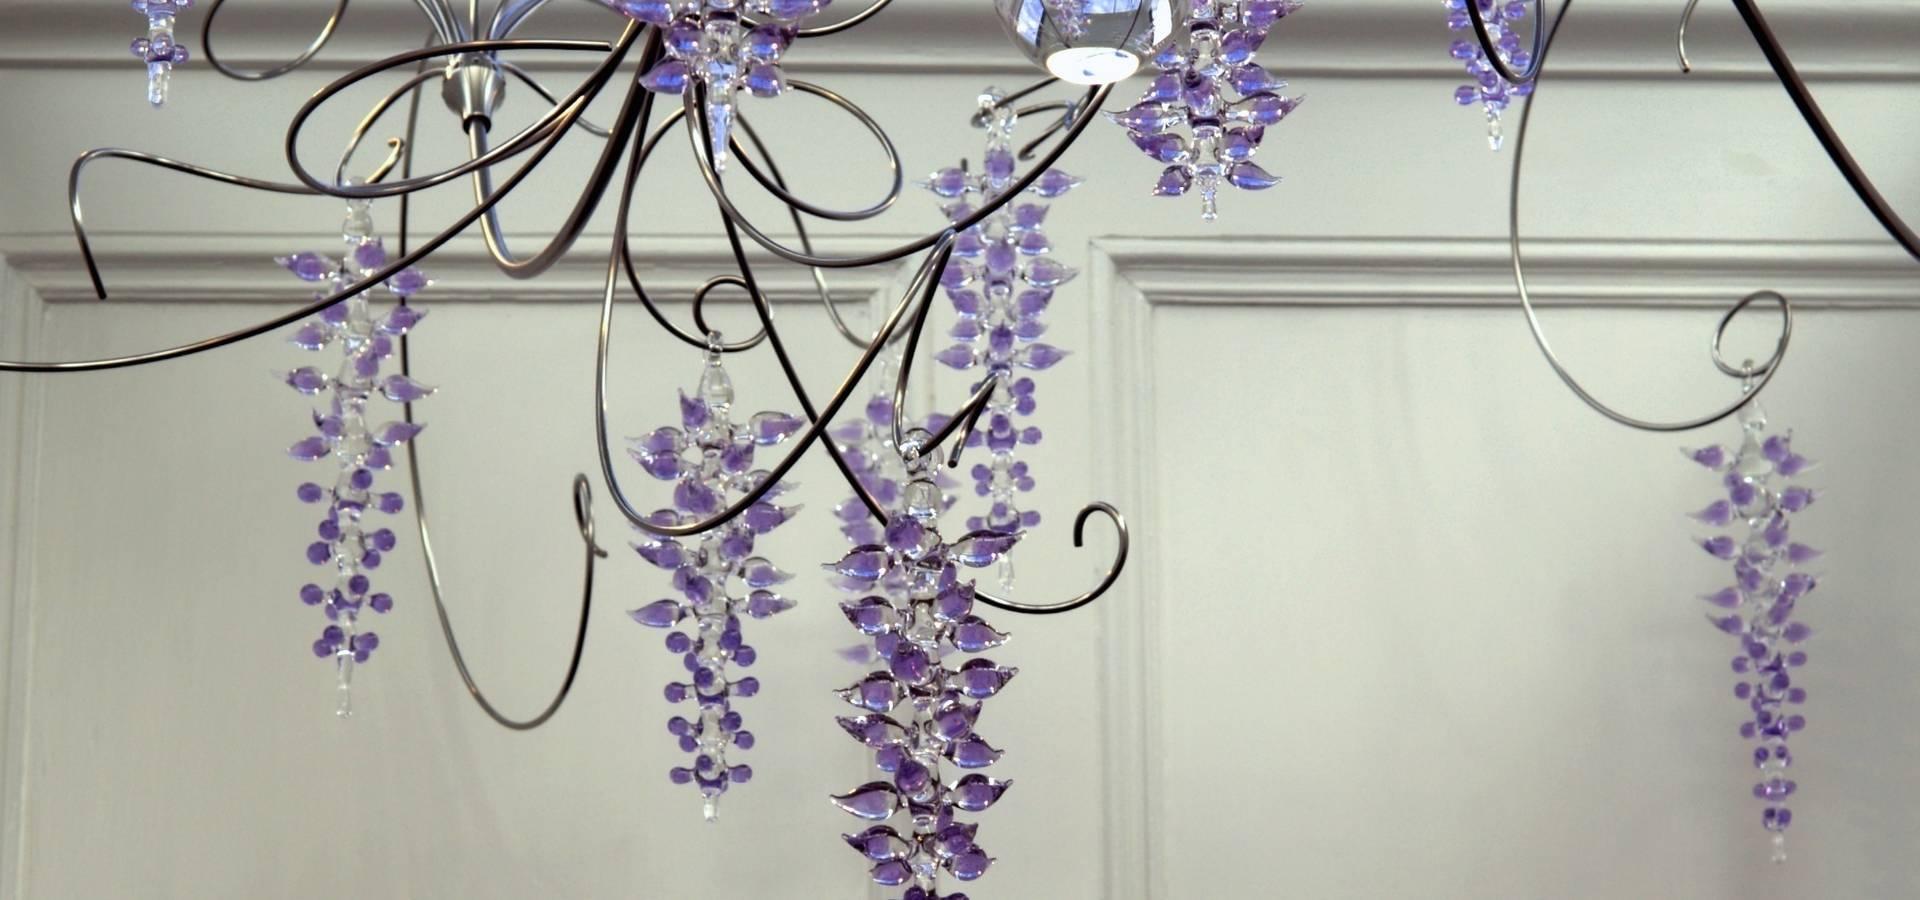 Neil Wilkin Bespoke chandeliers & Glass Sculpture